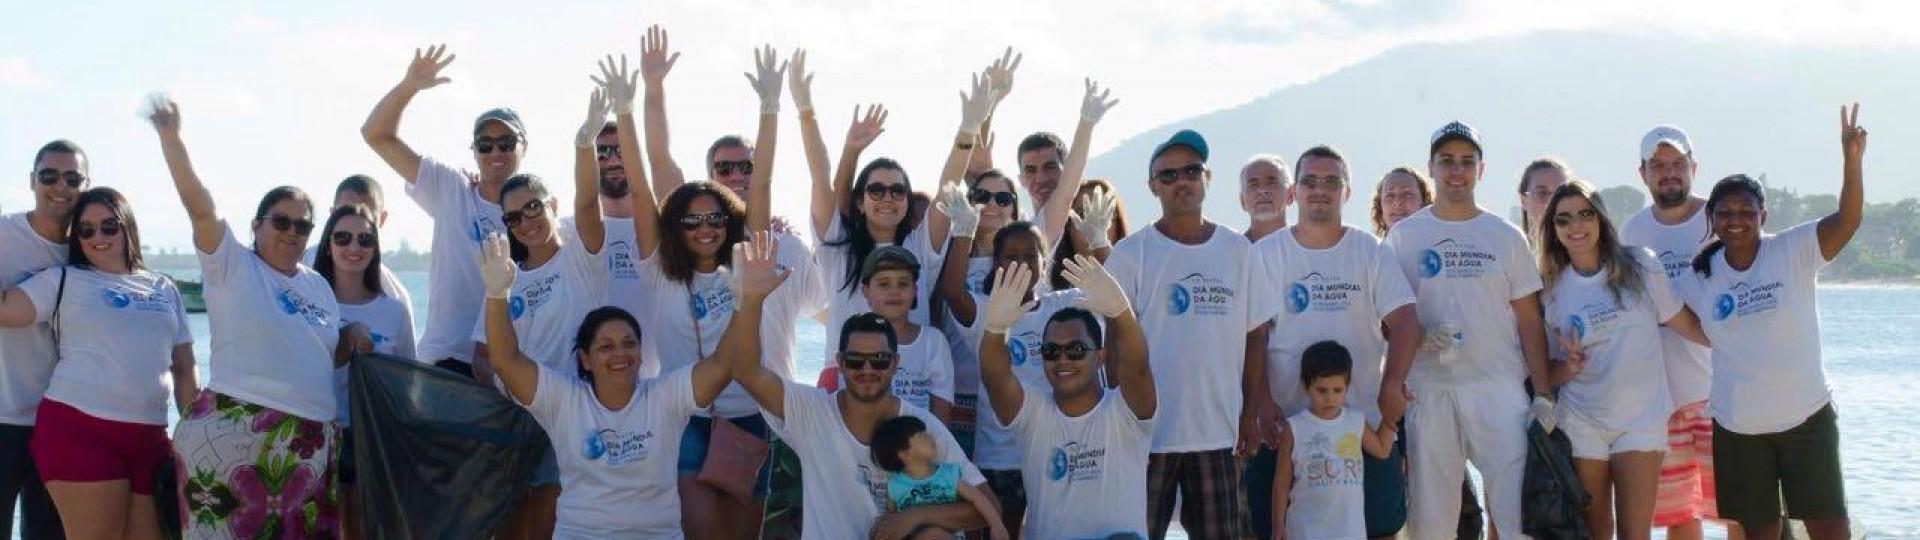 Dia Internacional da Água. VICEL promove ação em Rio das Ostras